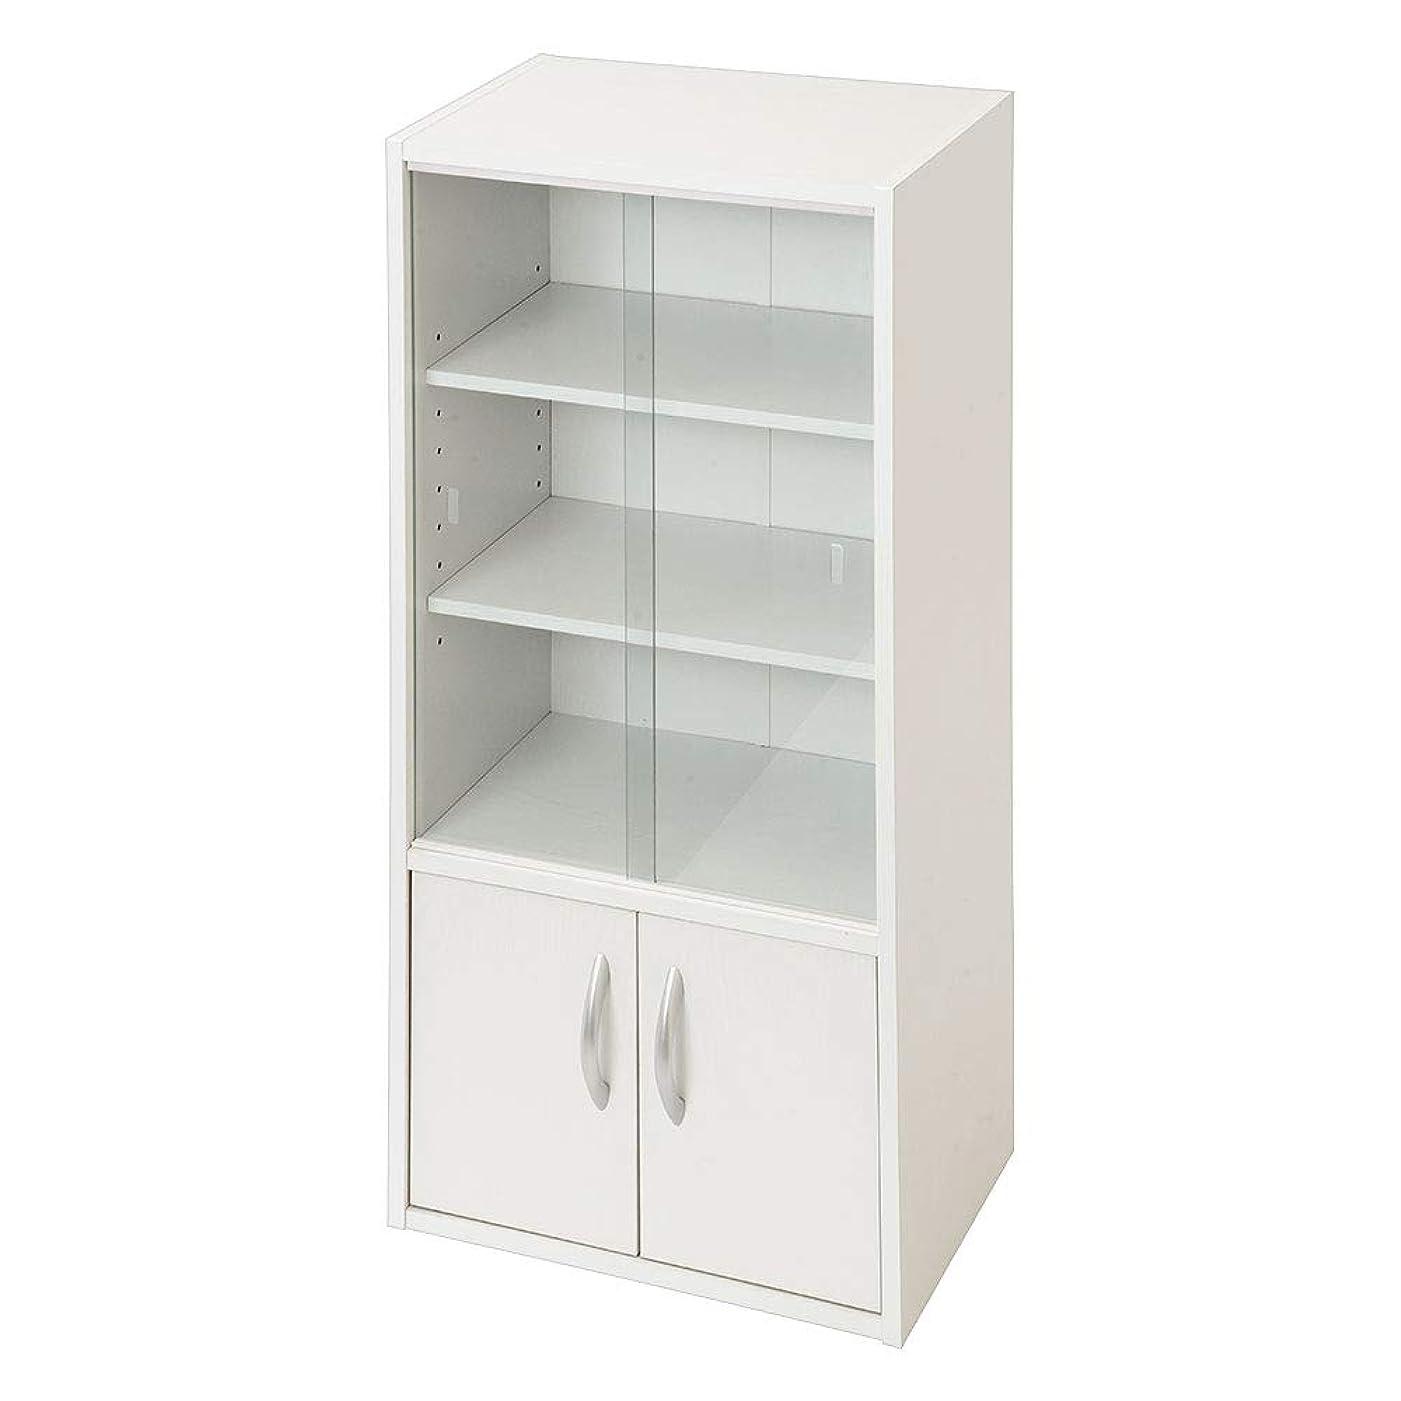 アルミニウム崩壊家具ぼん家具 木製 キャビネット ガラス 食器棚 キッチンラック ミニ食器棚 シェルフ ホワイト